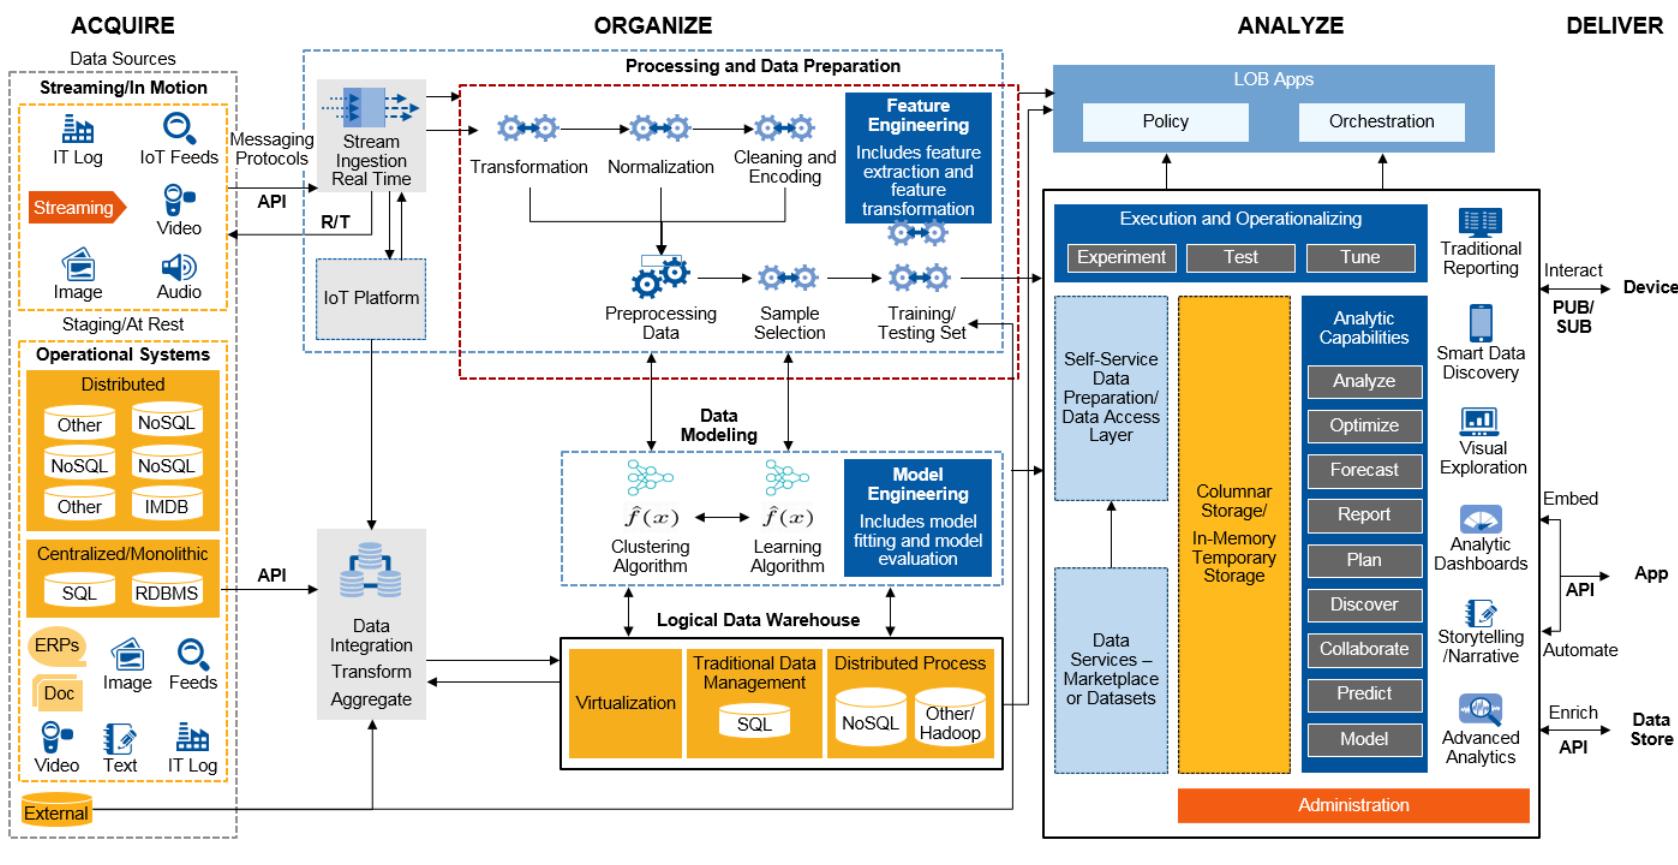 Konzeptionelle End-to-End-Architektur für Machine-Learning und Analytics. (Abb. 3)